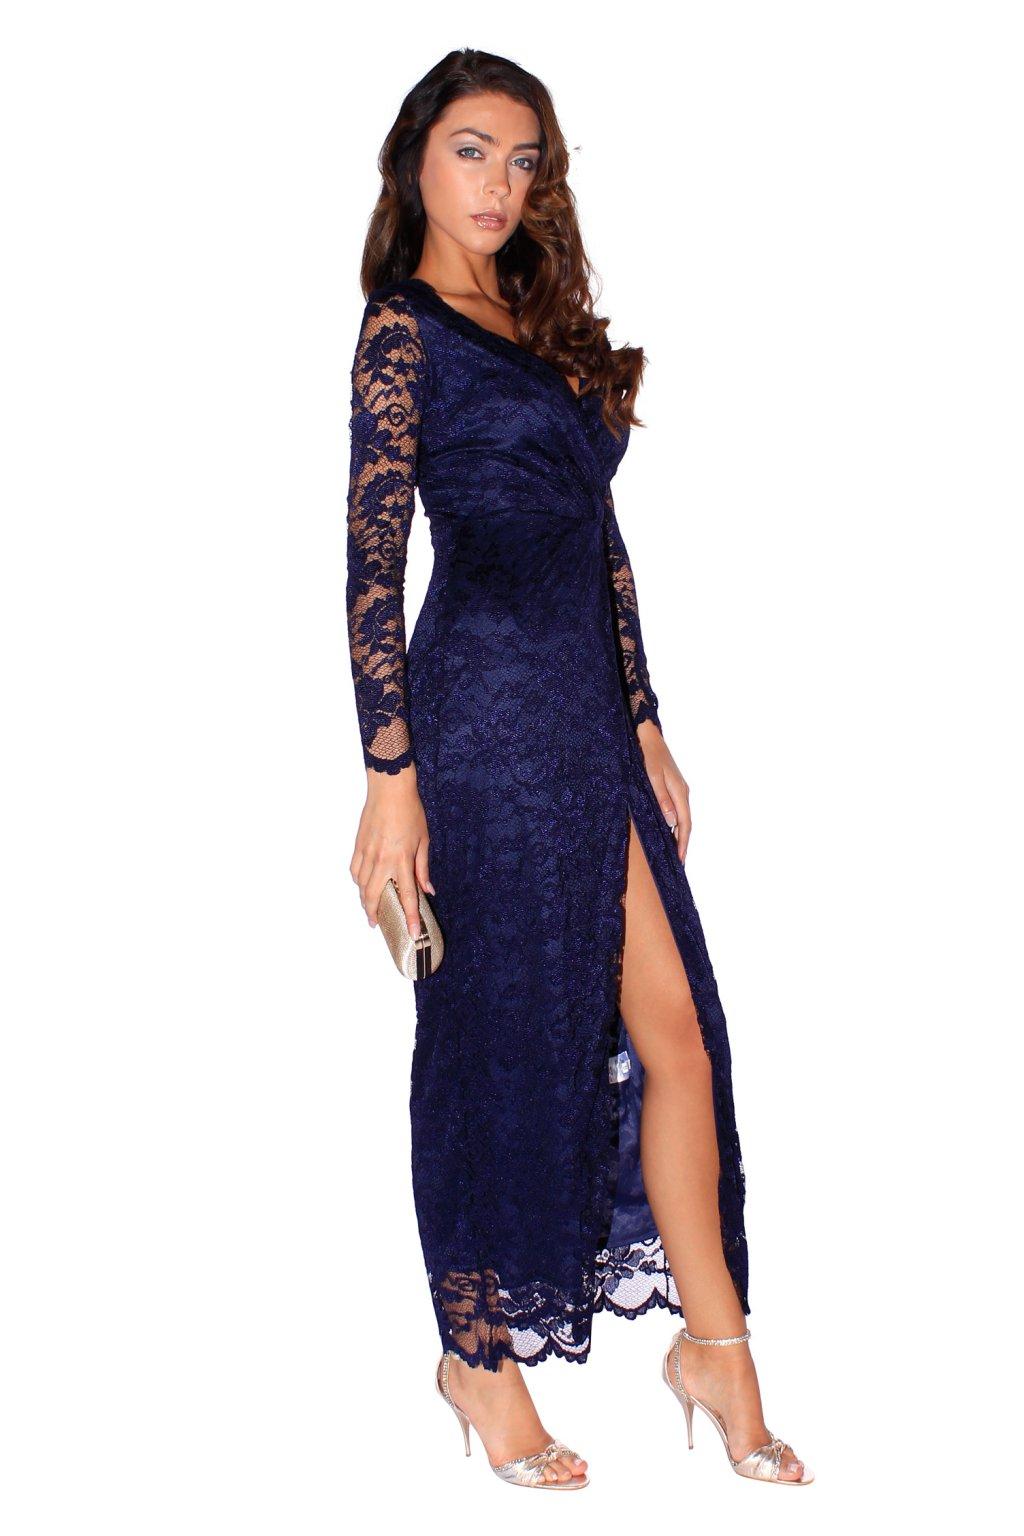 bb57de27ee5 ... Dlouhé šaty Luxuriously s vysokým rozparkem modré 2 ...